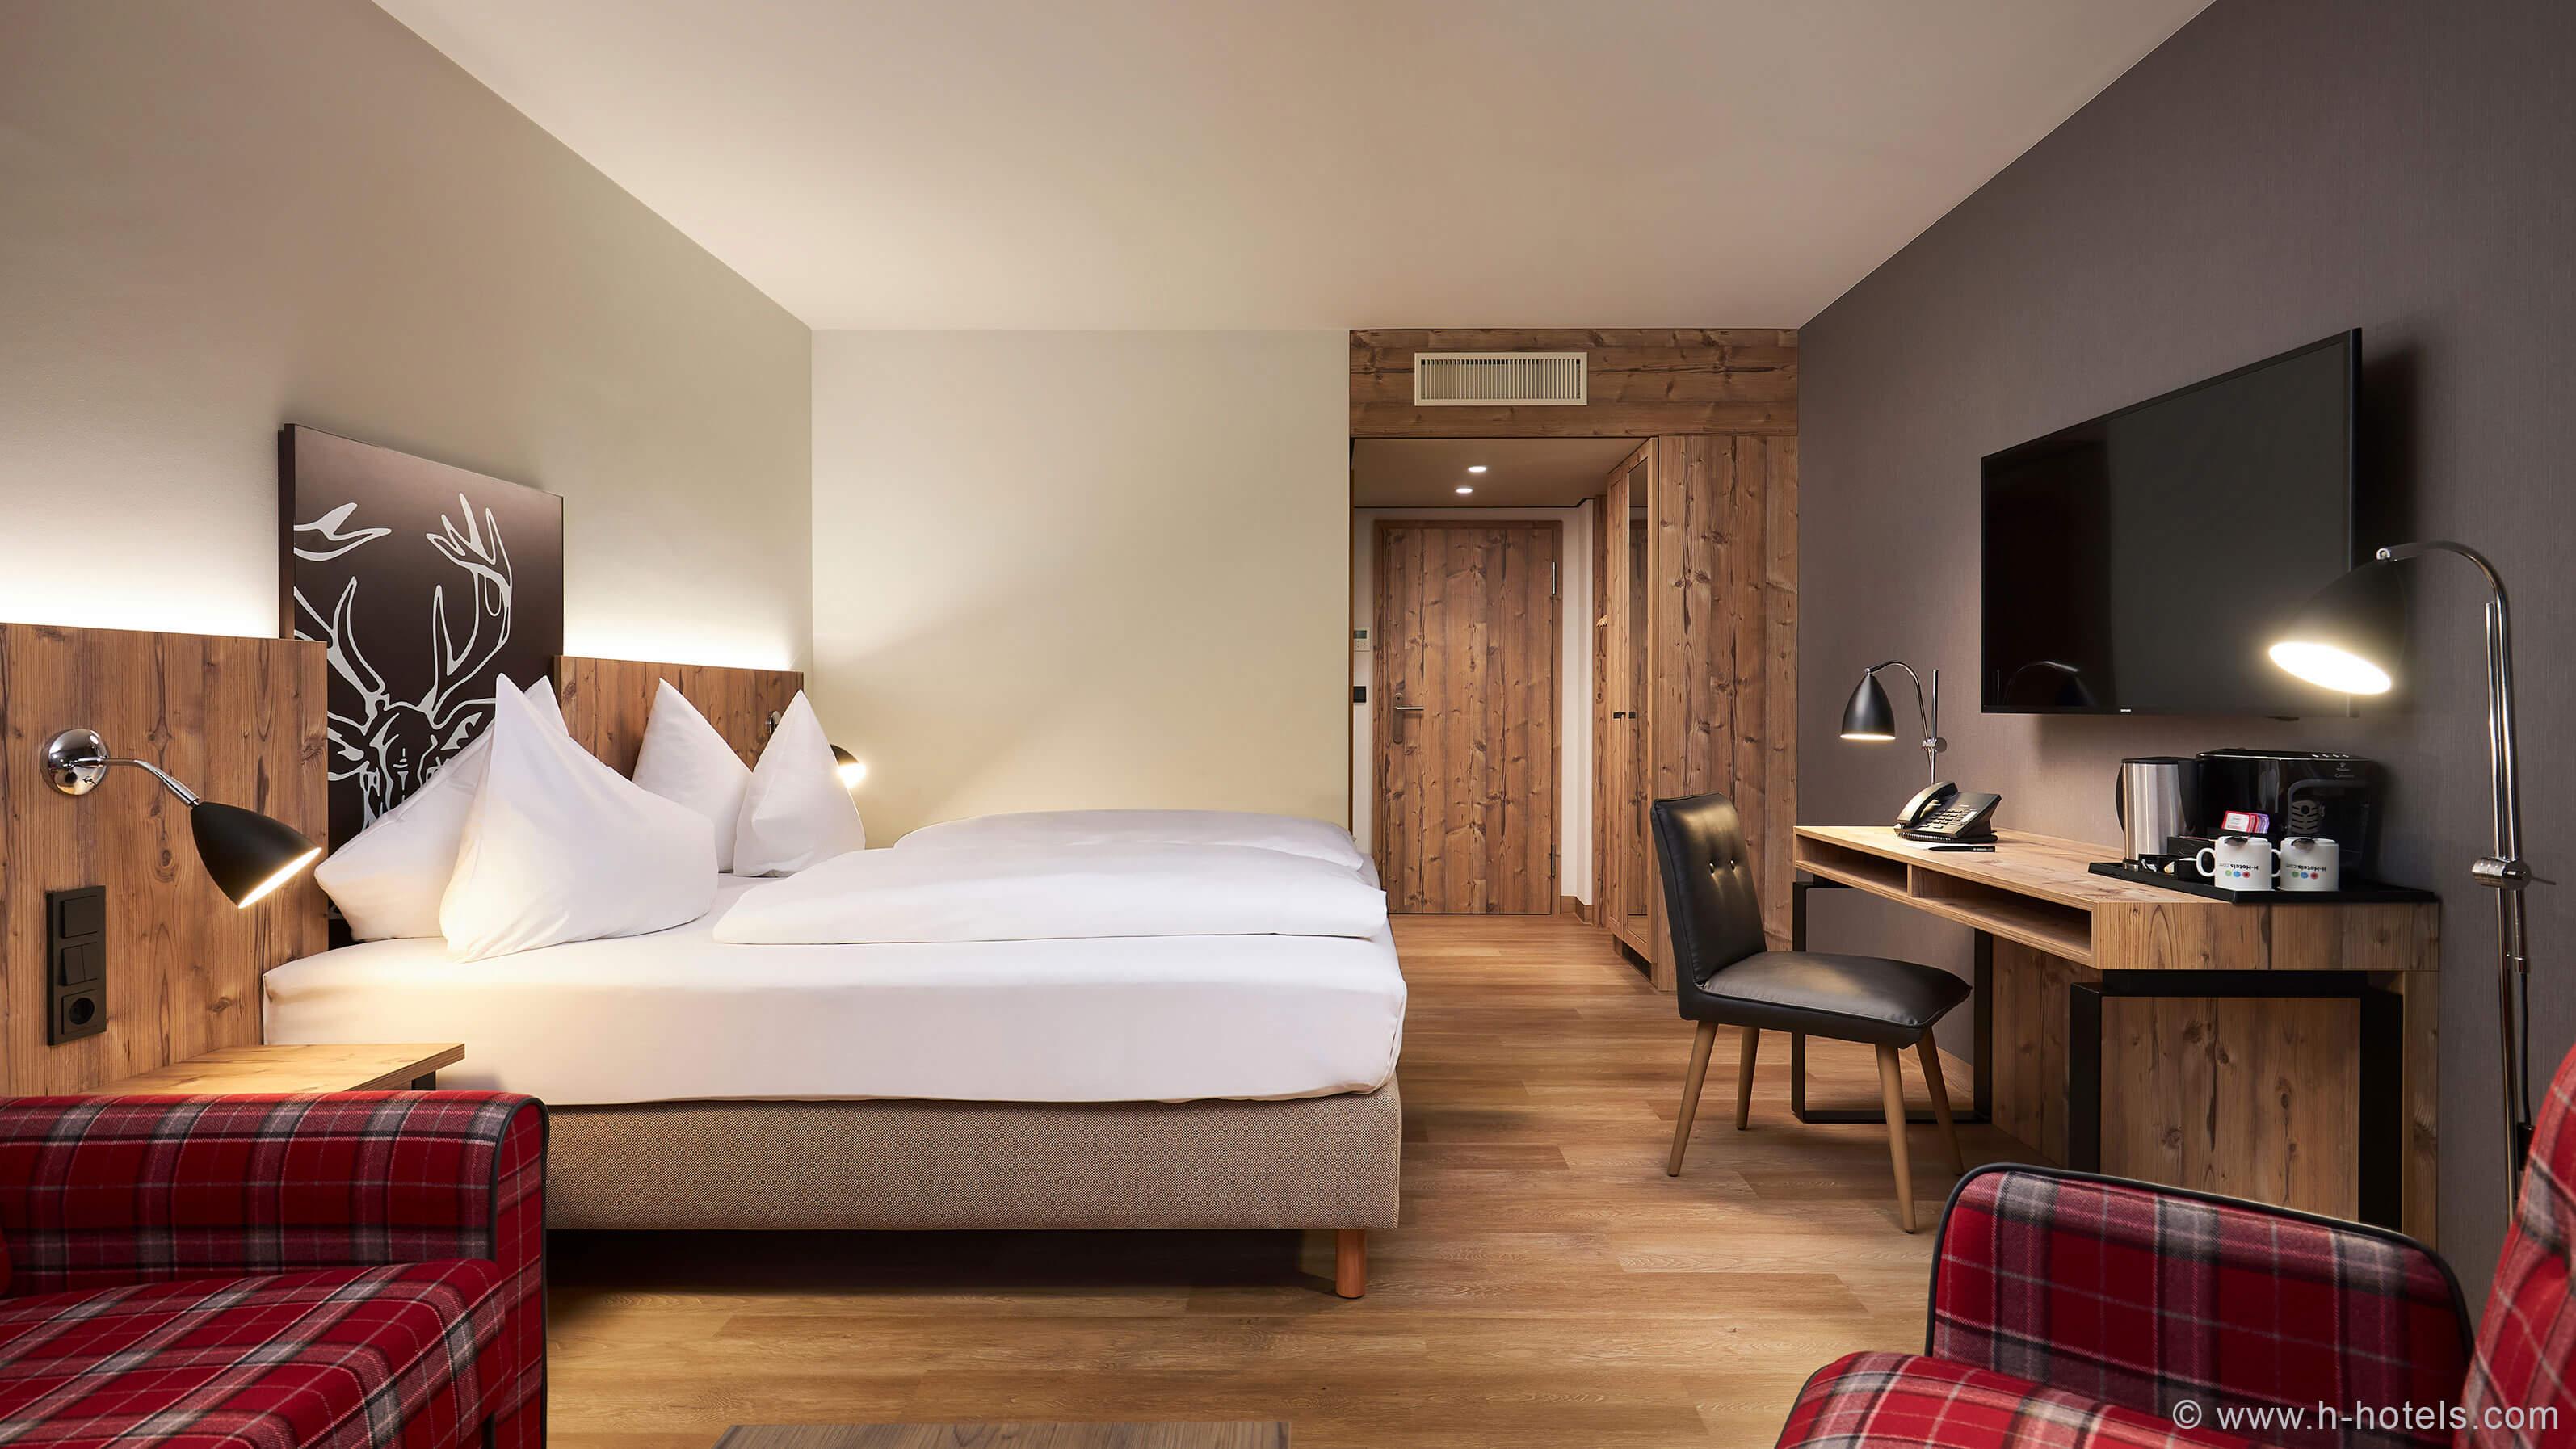 h-hotels_zimmer-superior-doppelzimmer-02-hplus-hotel-garmisch_Original-(kommerz.-Nutzung)-_ed834da1_